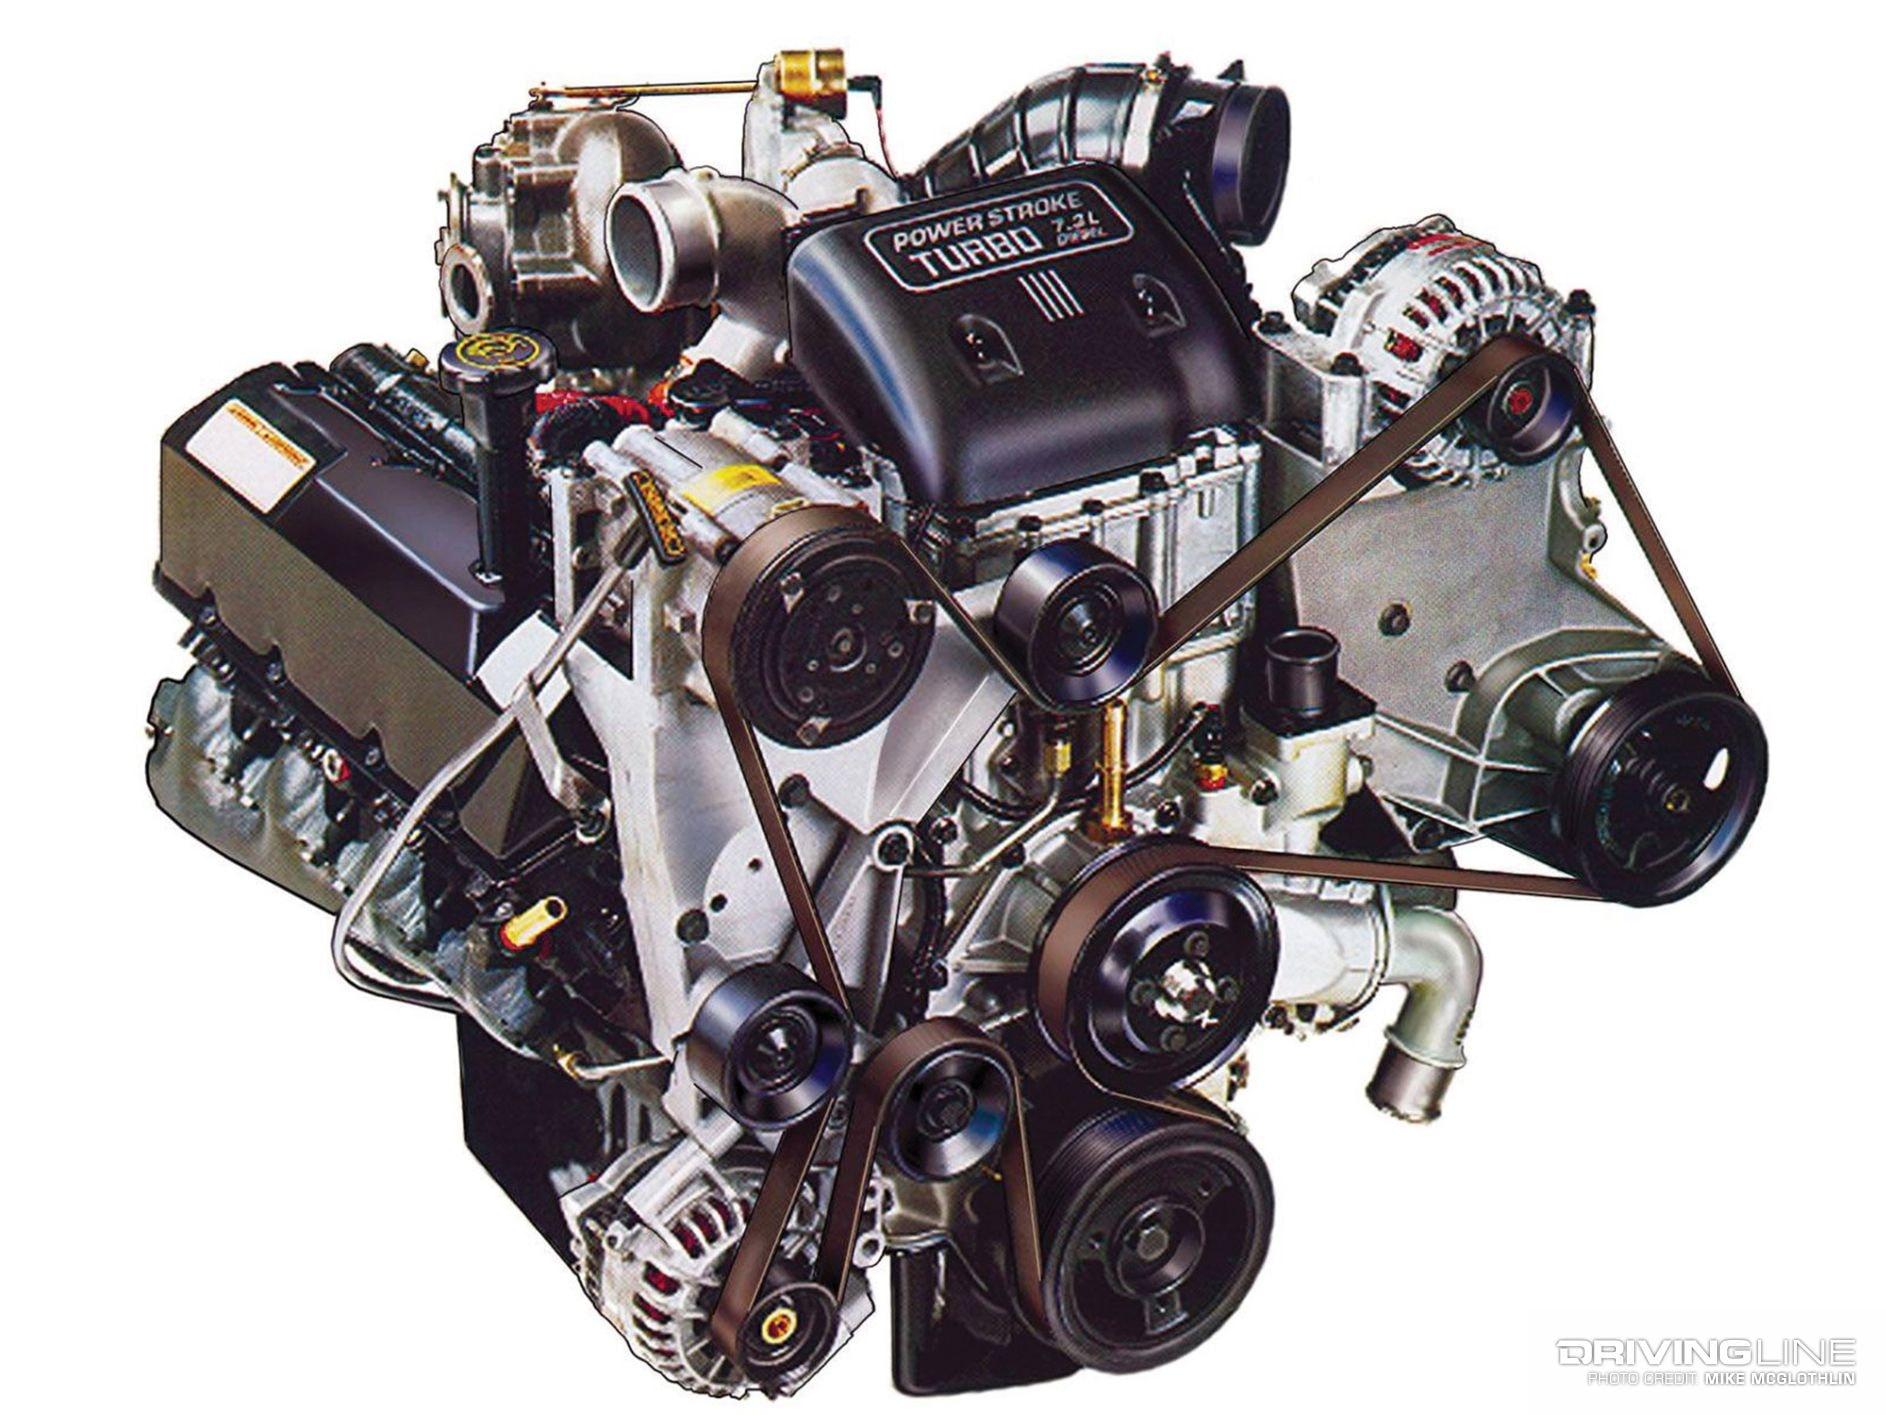 7 3l vs 6 0l which power stroke is really better? drivingline002 7 3 power stroke diesel engine